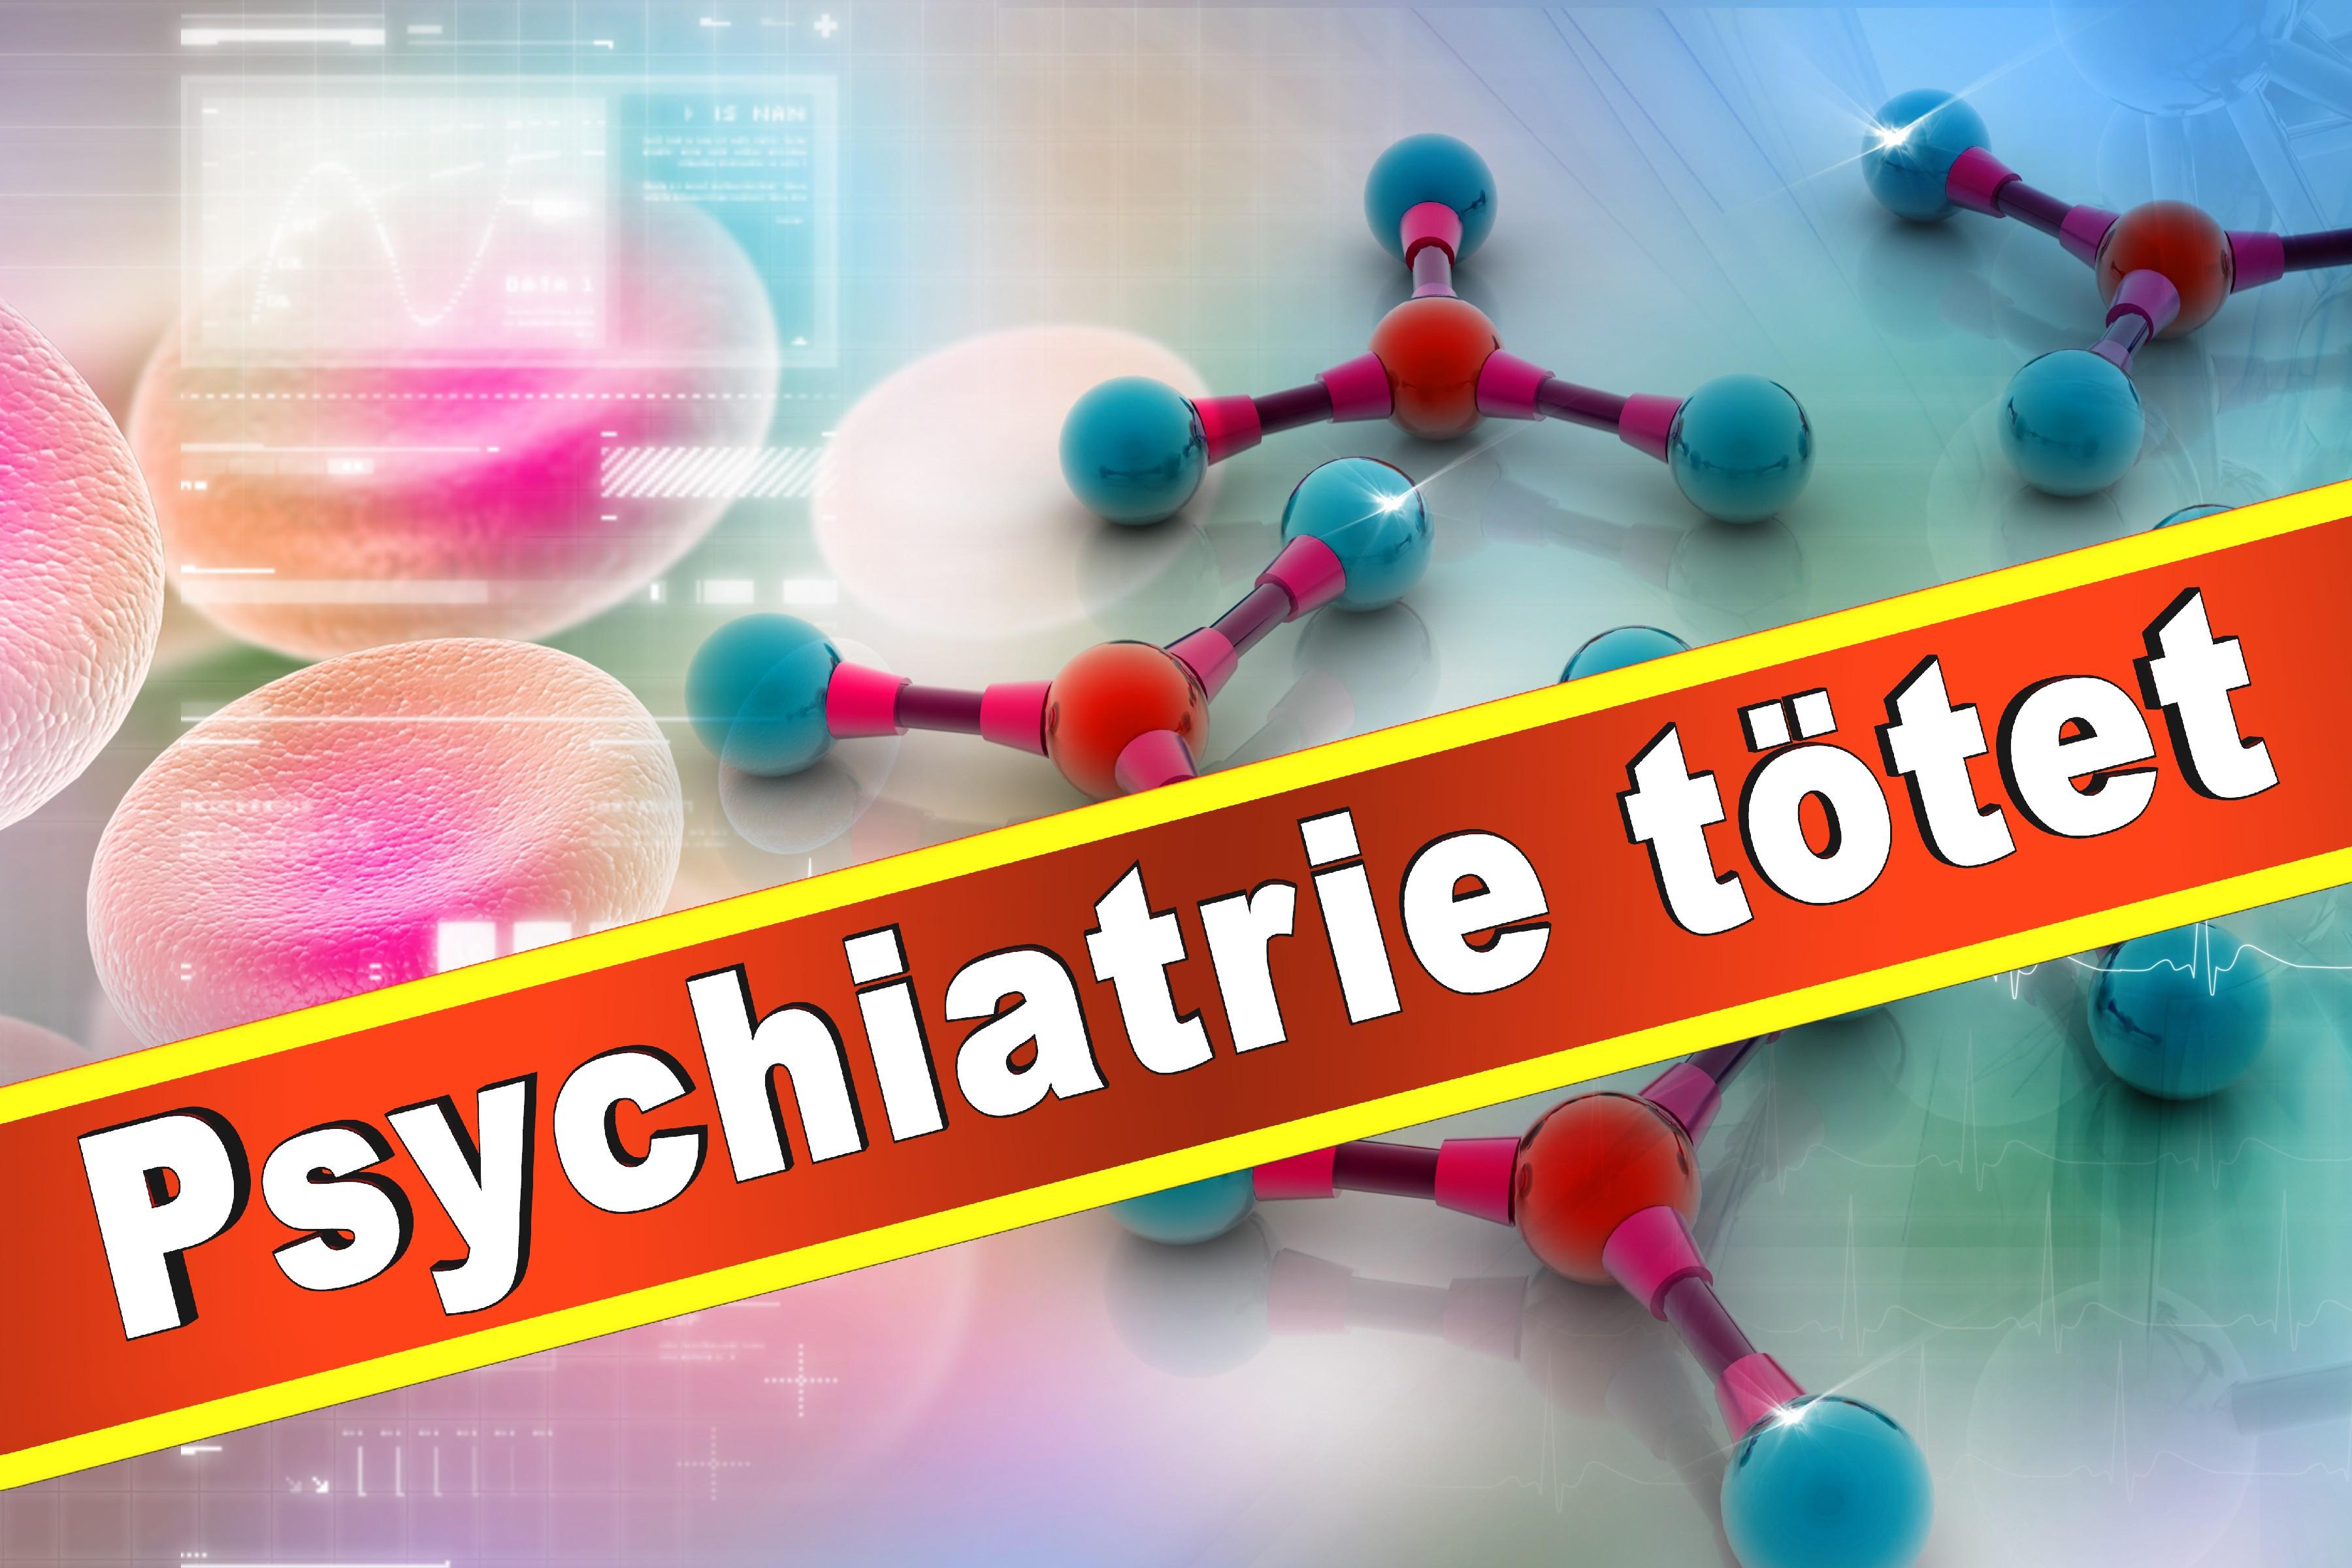 Dr Med Hans Joachim Rosina Arzt Hannover Gutachten Psychiater Facharzt Psychiatrie